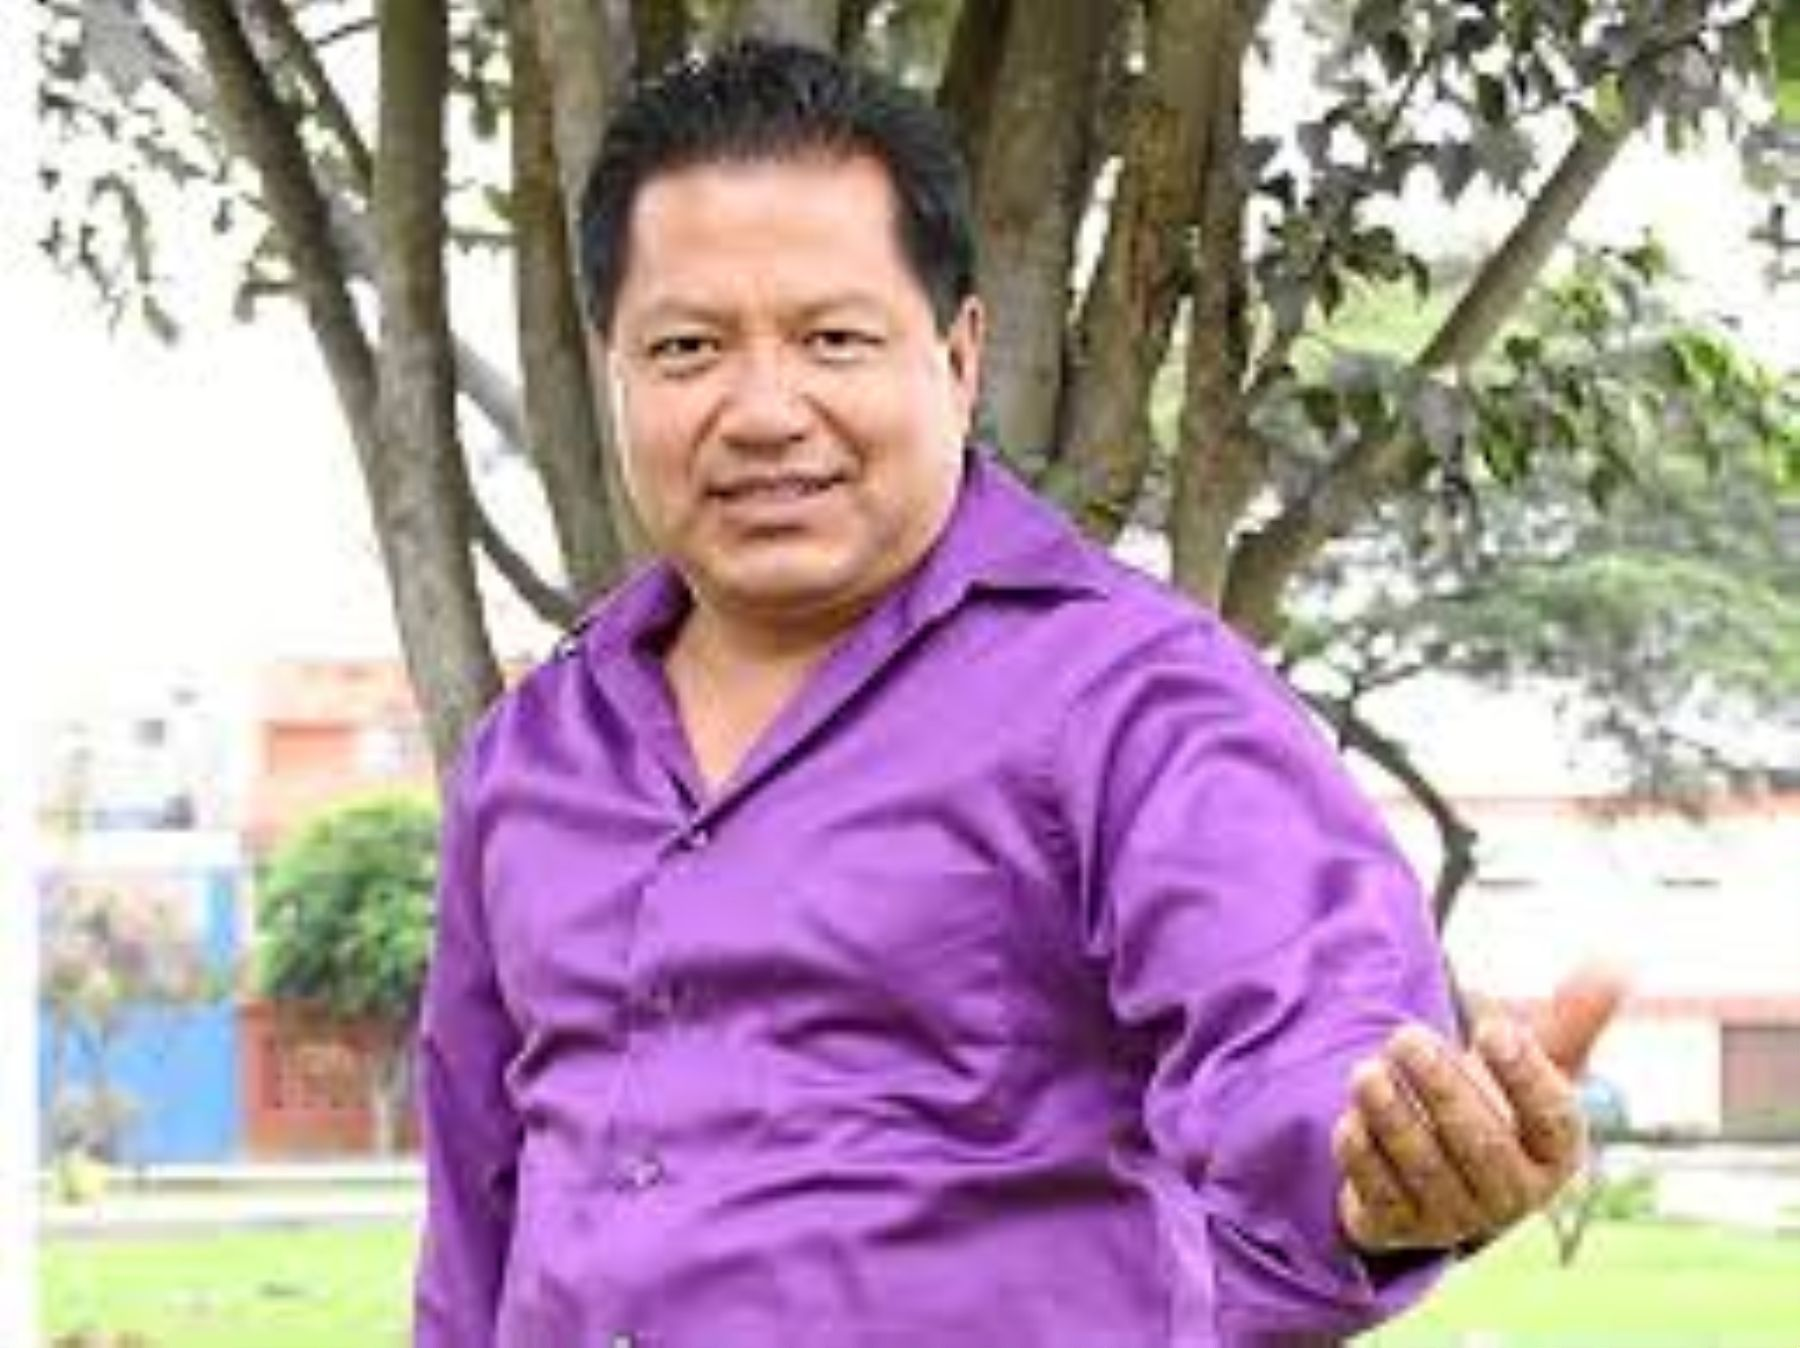 ƸӜƷ♥Segundo Rosero Corazon De Papel ♥ƸӜƷ - YouTube